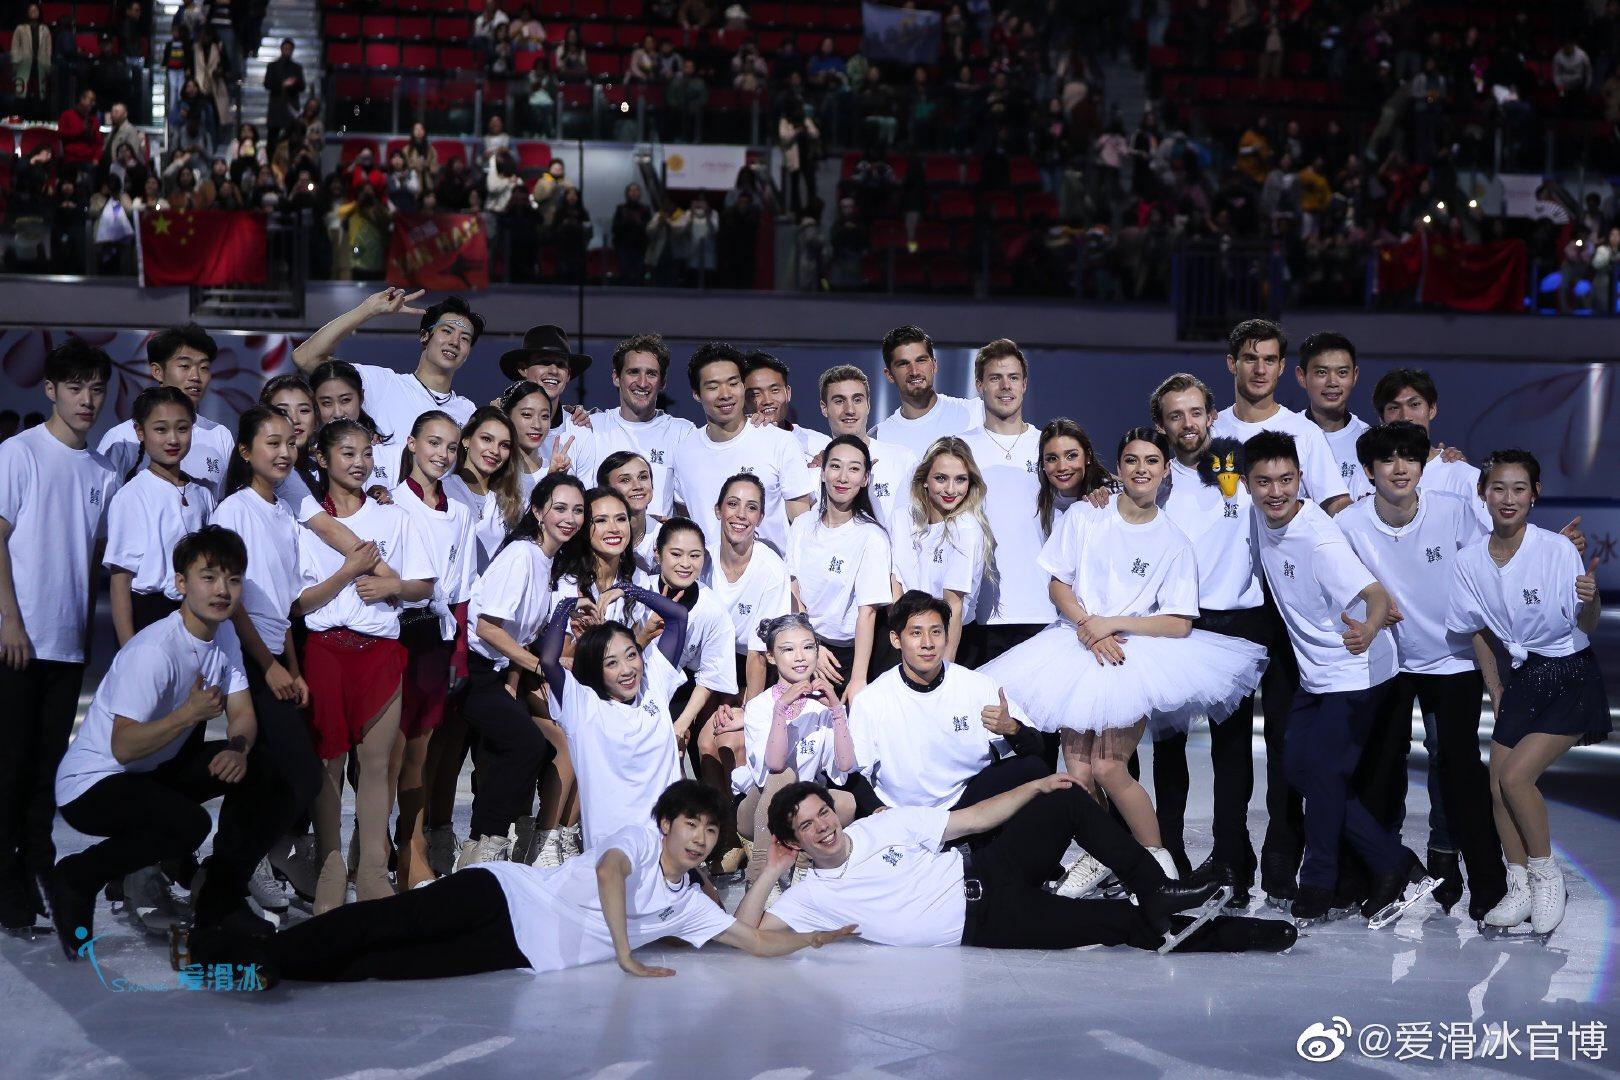 GP - 4 этап. Cup of China Chongqing / CHN November 8-10, 2019 - Страница 14 EJB_HrfW4AEh4Hn?format=jpg&name=large